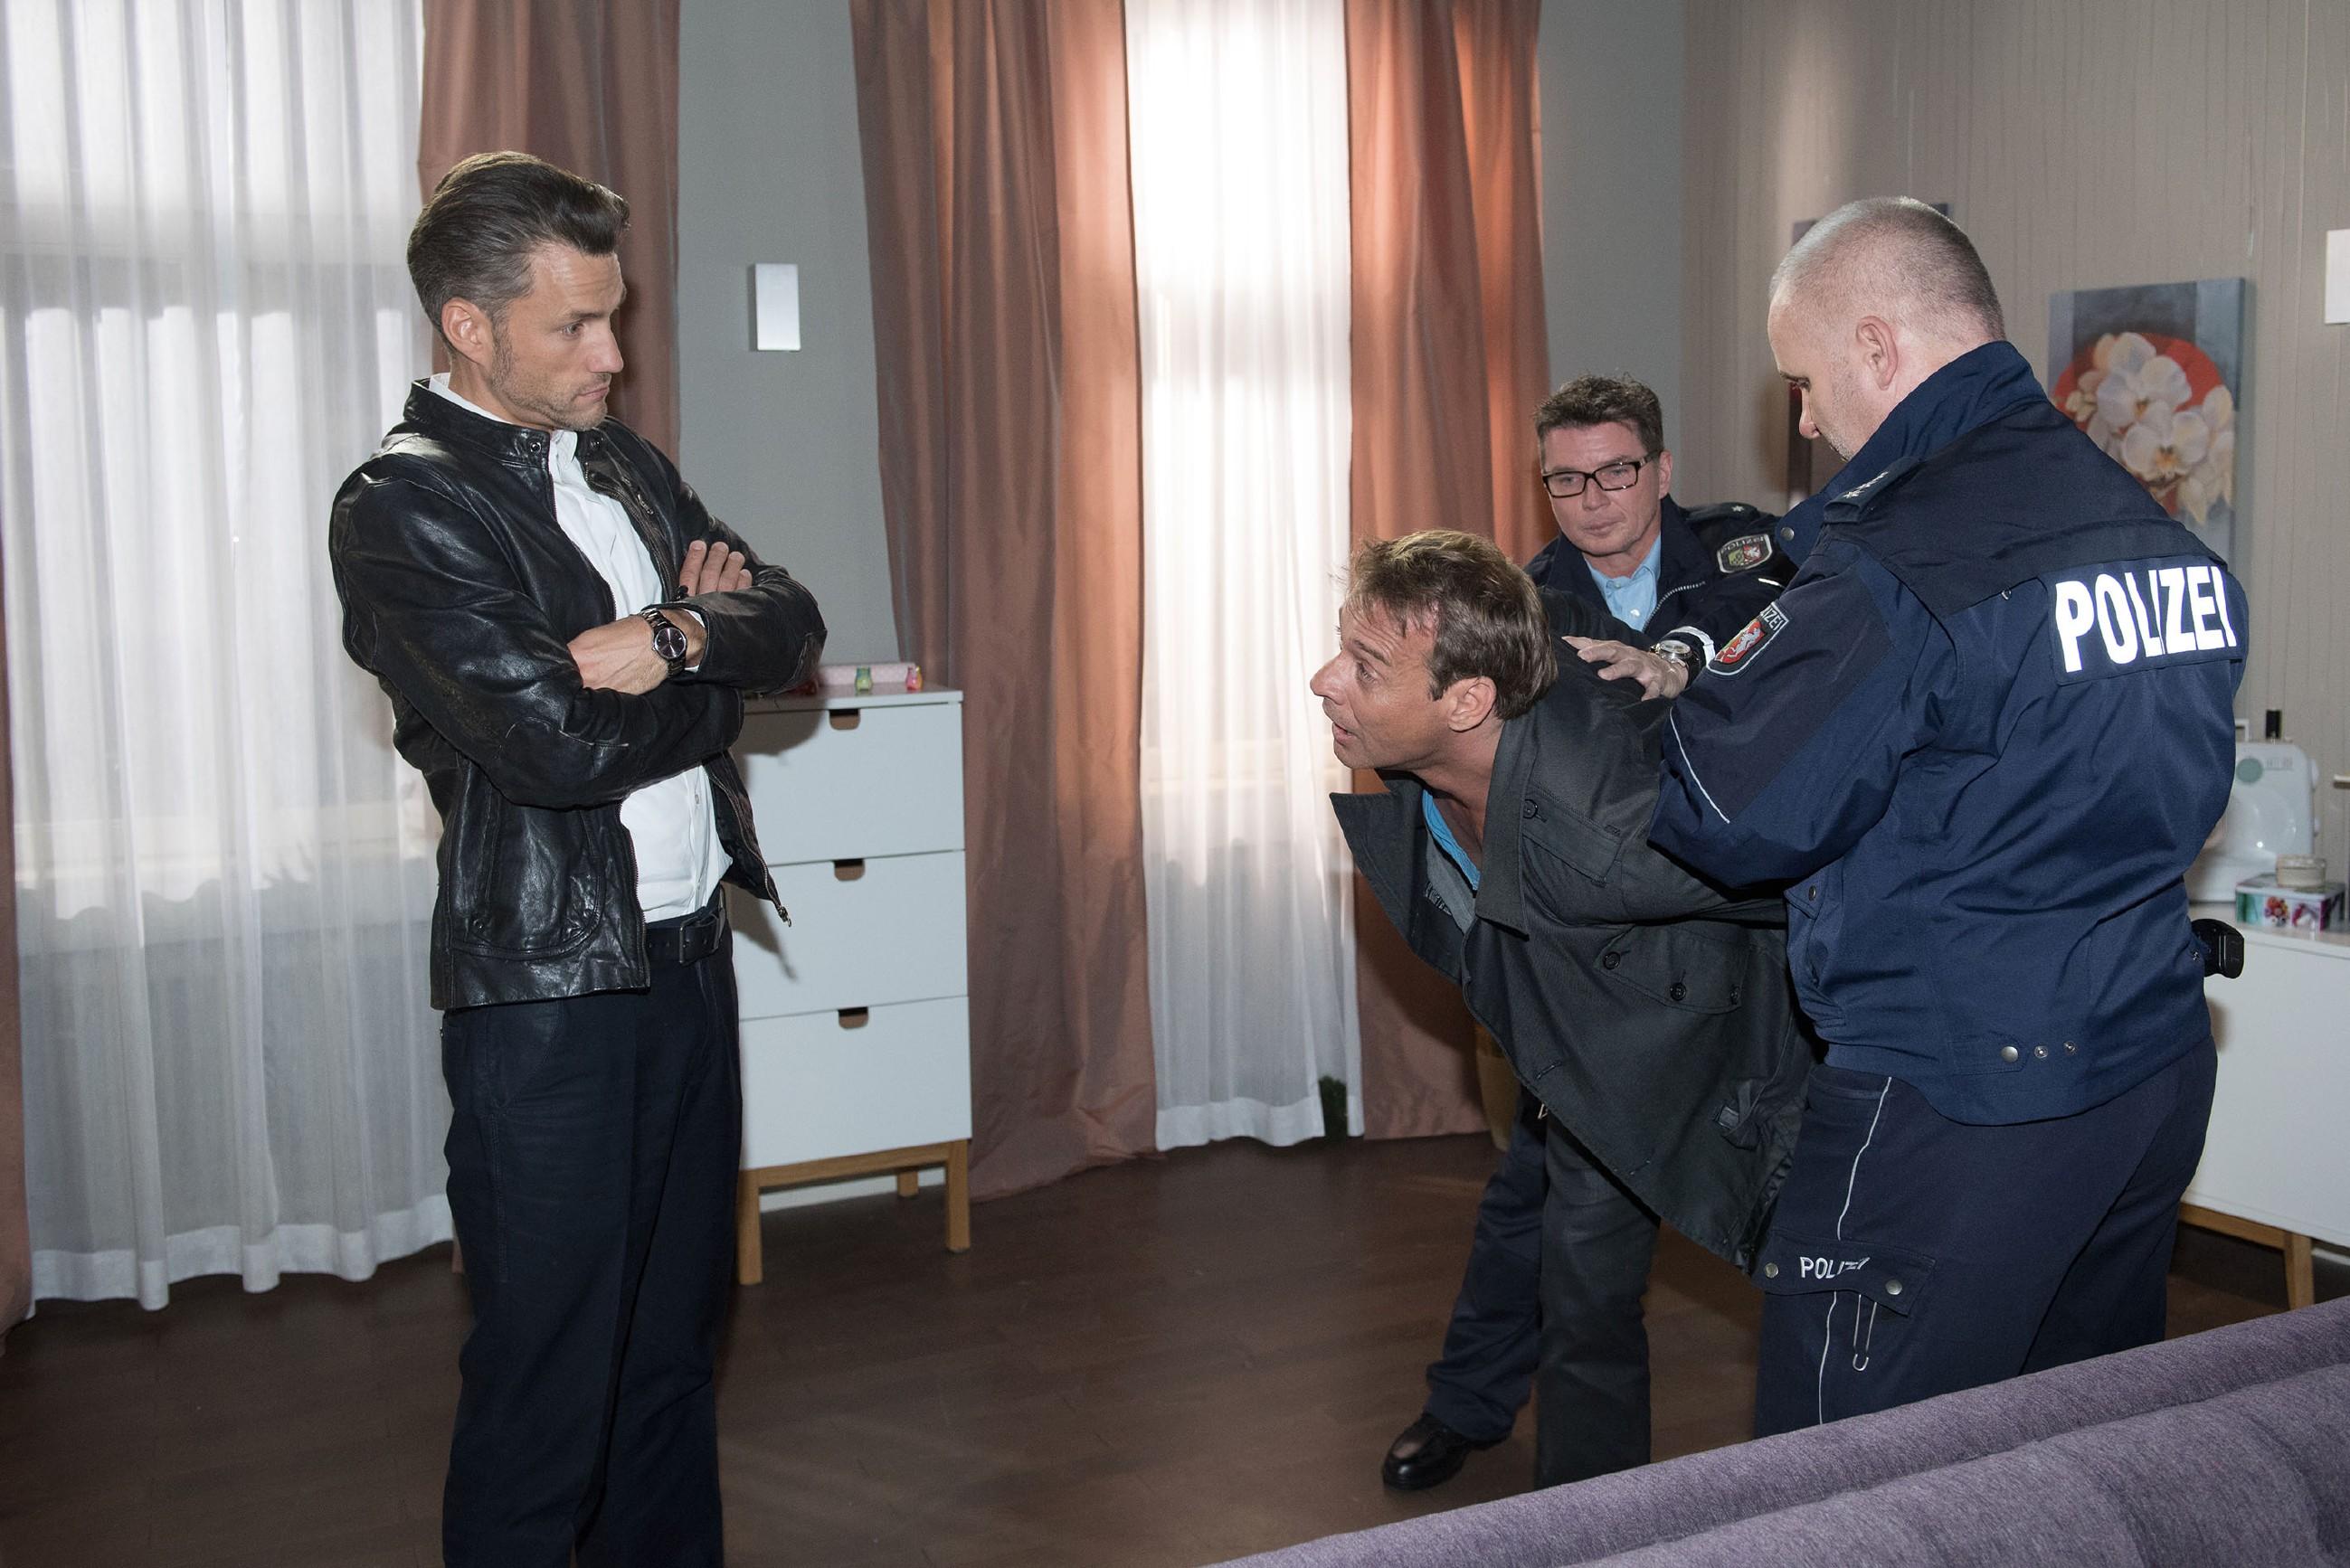 Rufus (Kai Noll, 2.v.l.) ist völlig perplex, als der enttäuschte Malte (Stefan Bockelmann, l.) ihn der Polizei (Komparsen) ausliefert... (Quelle: RTL / Stefan Behrens)